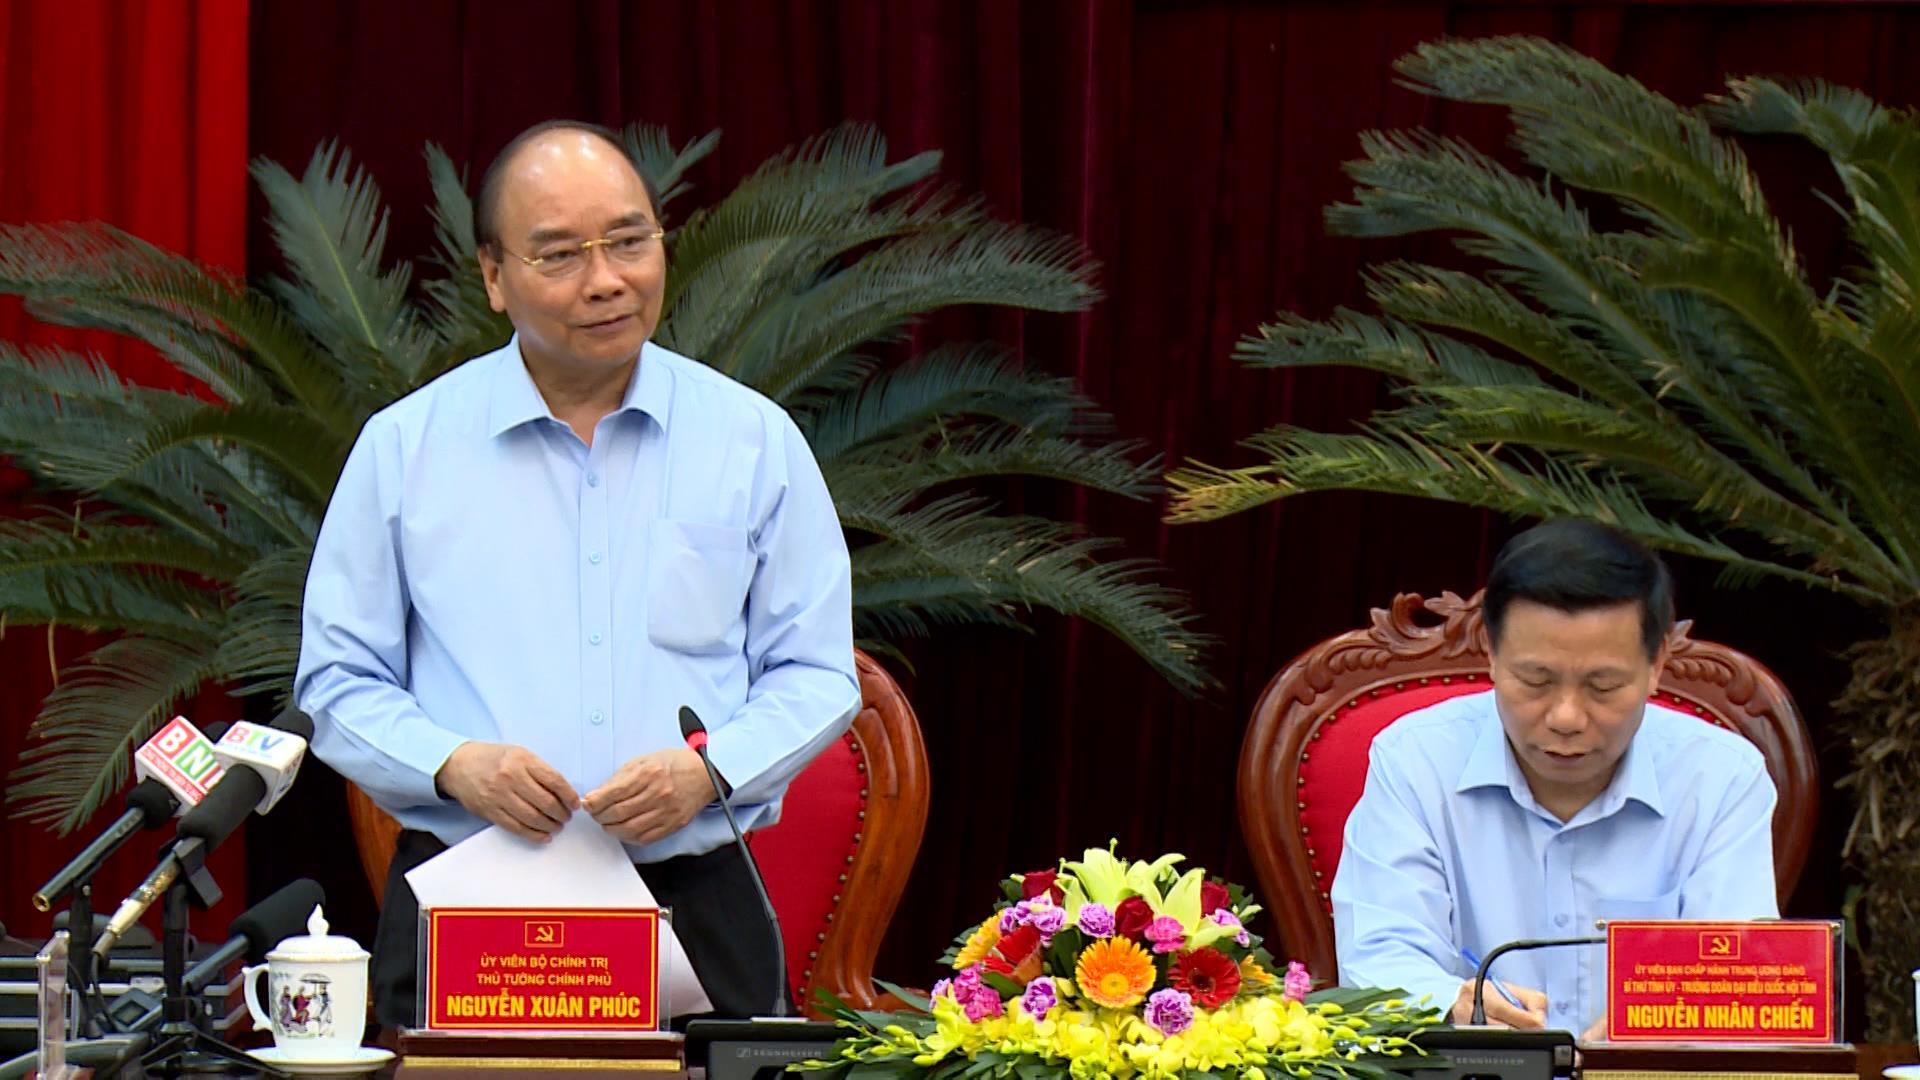 Toàn cảnh chuyến công tác của Thủ tướng Chính phủ tại Bắc Ninh